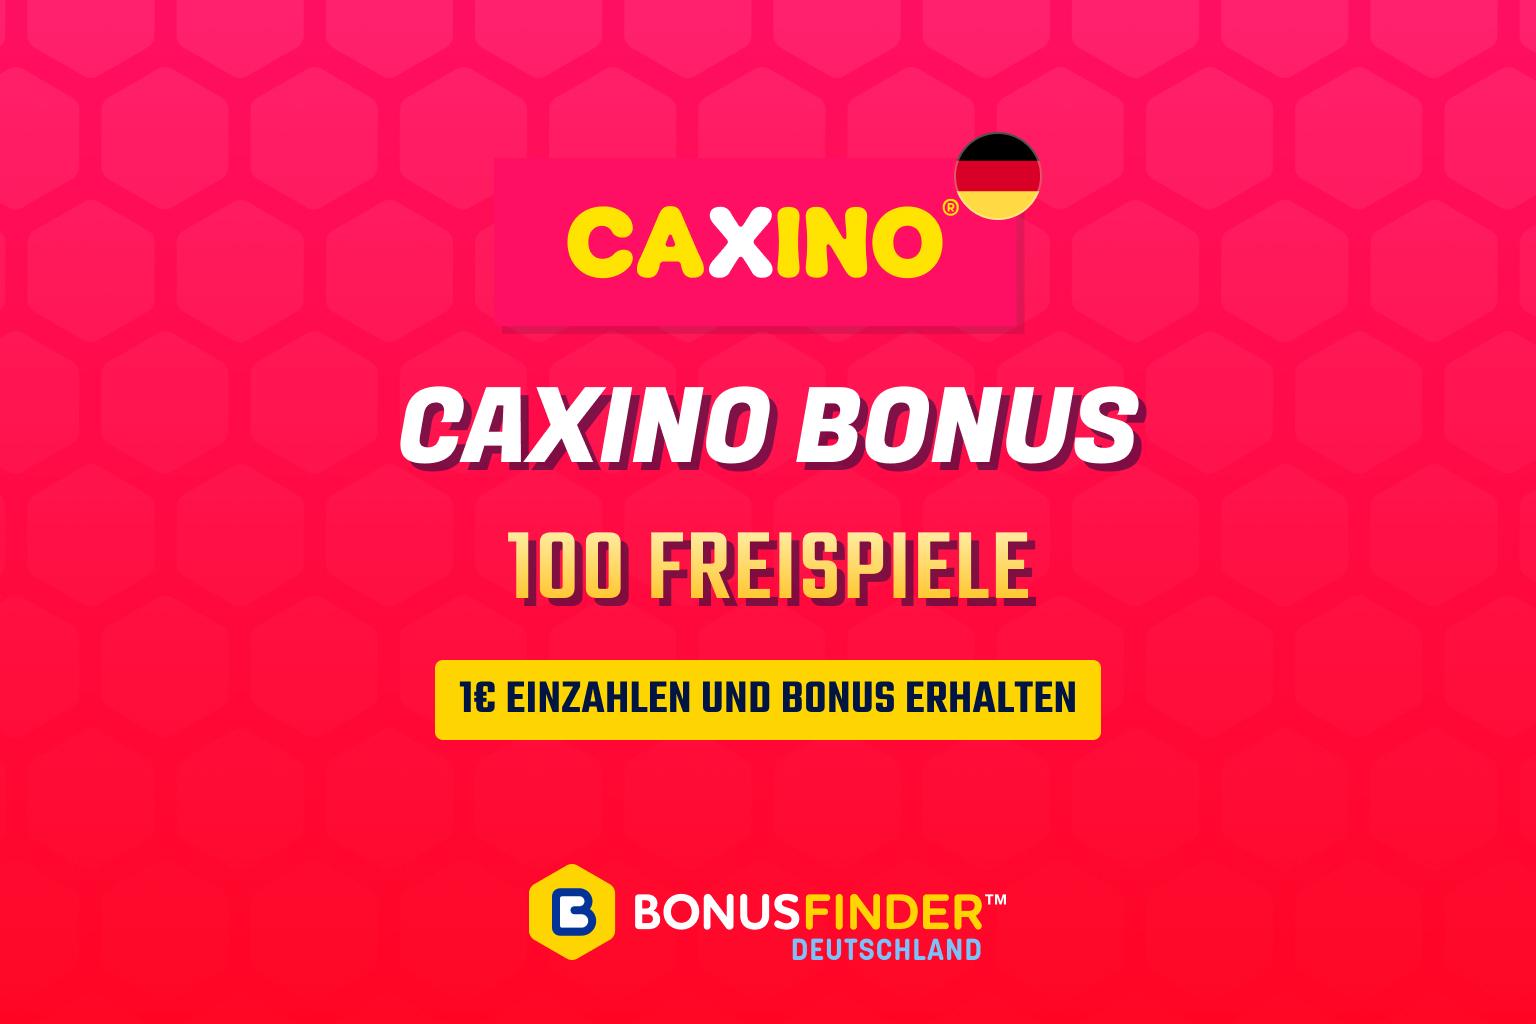 1 euro einzahlen und bonus erhalten